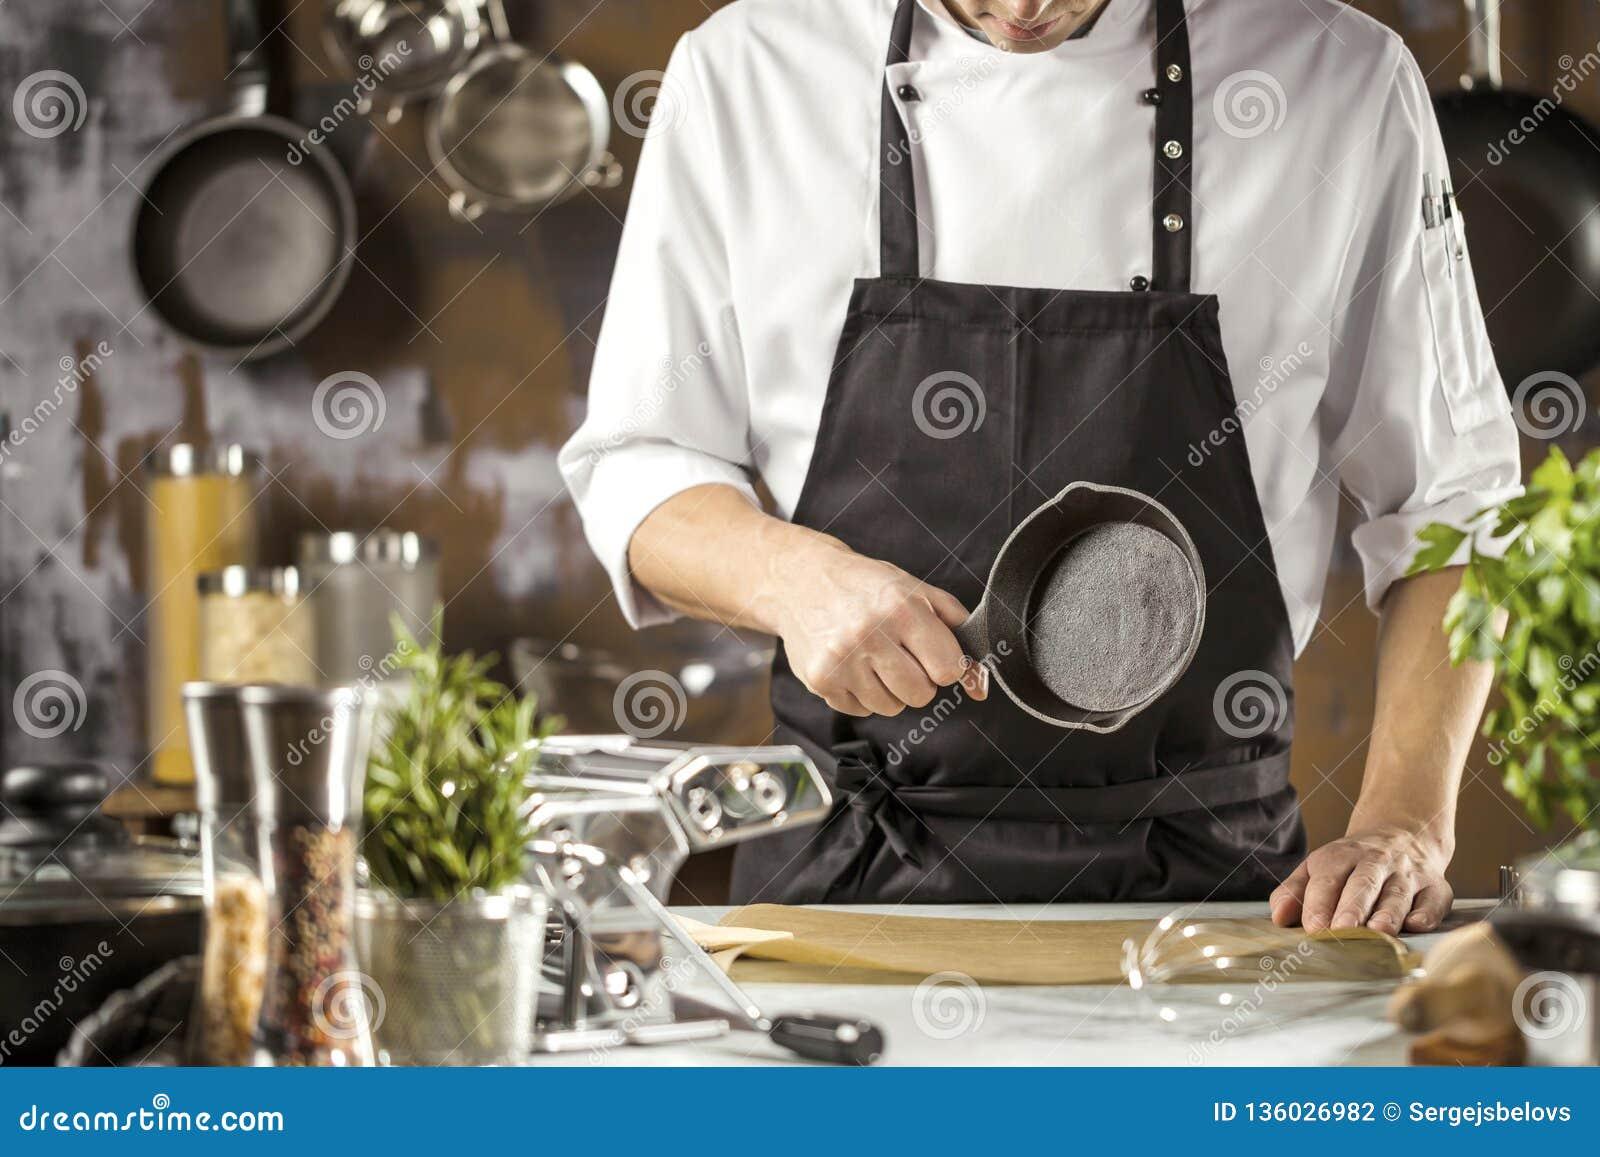 Het koken, beroep en mensenconcept - mannelijke chef-kokkok die voedsel maken bij restaurantkeuken